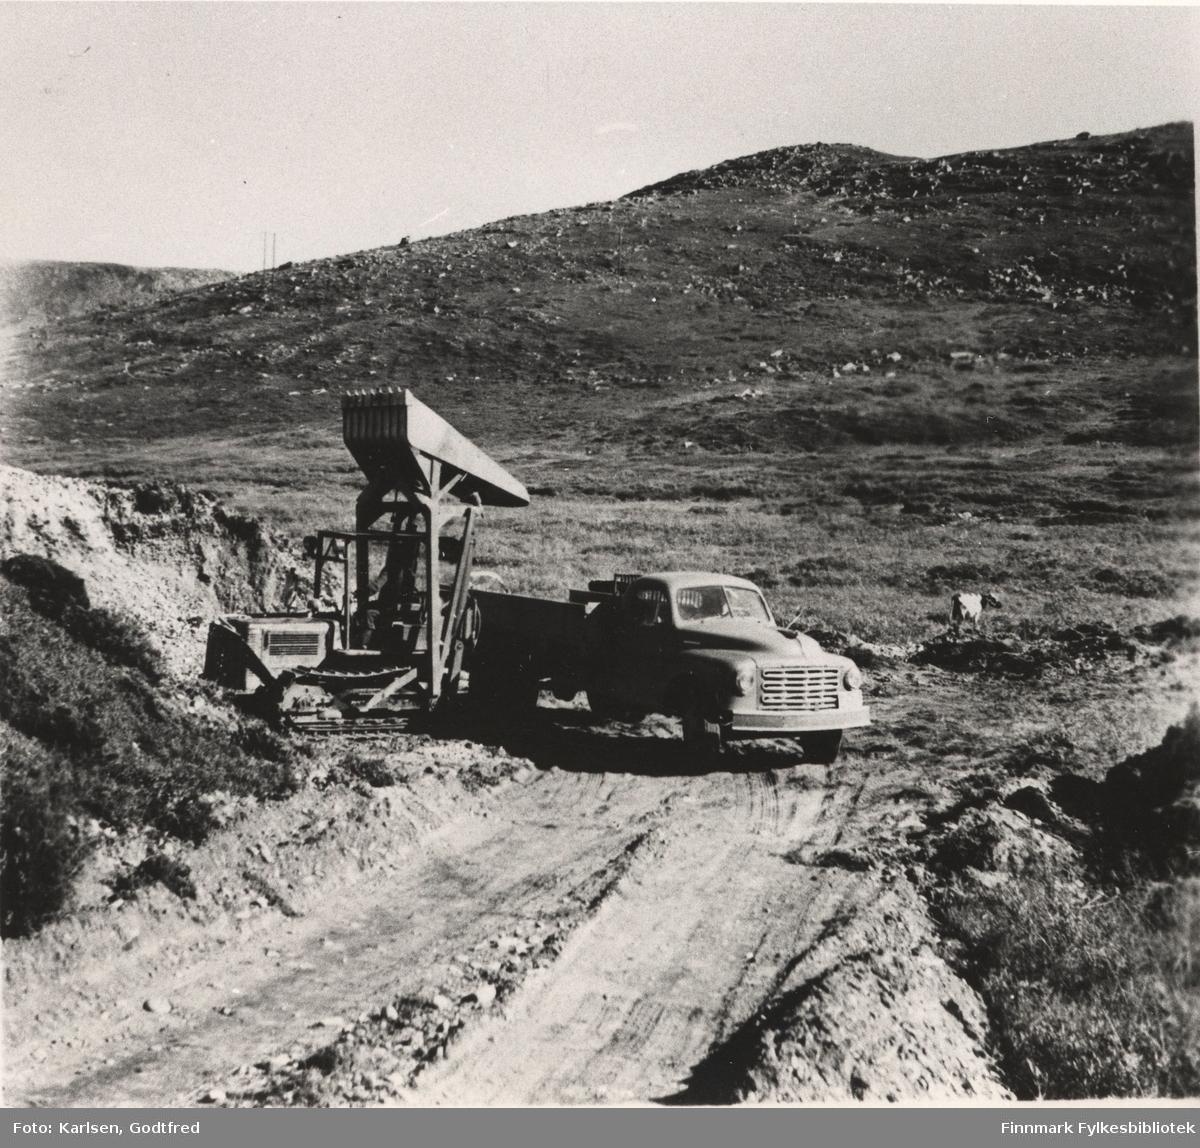 Her ser vi fyllmassekjøring i Sandfjord, ca. midt i mellom Mehamn og Gamvik. Dette er første lastemaskin de hadde på Nordkyn. Eieren er Hilmar Nilsen fra Honningsvåg. Studebaker lastebil modell 2R årsmodell 1949-53. Anlegg: Mehamn-Gamvik.